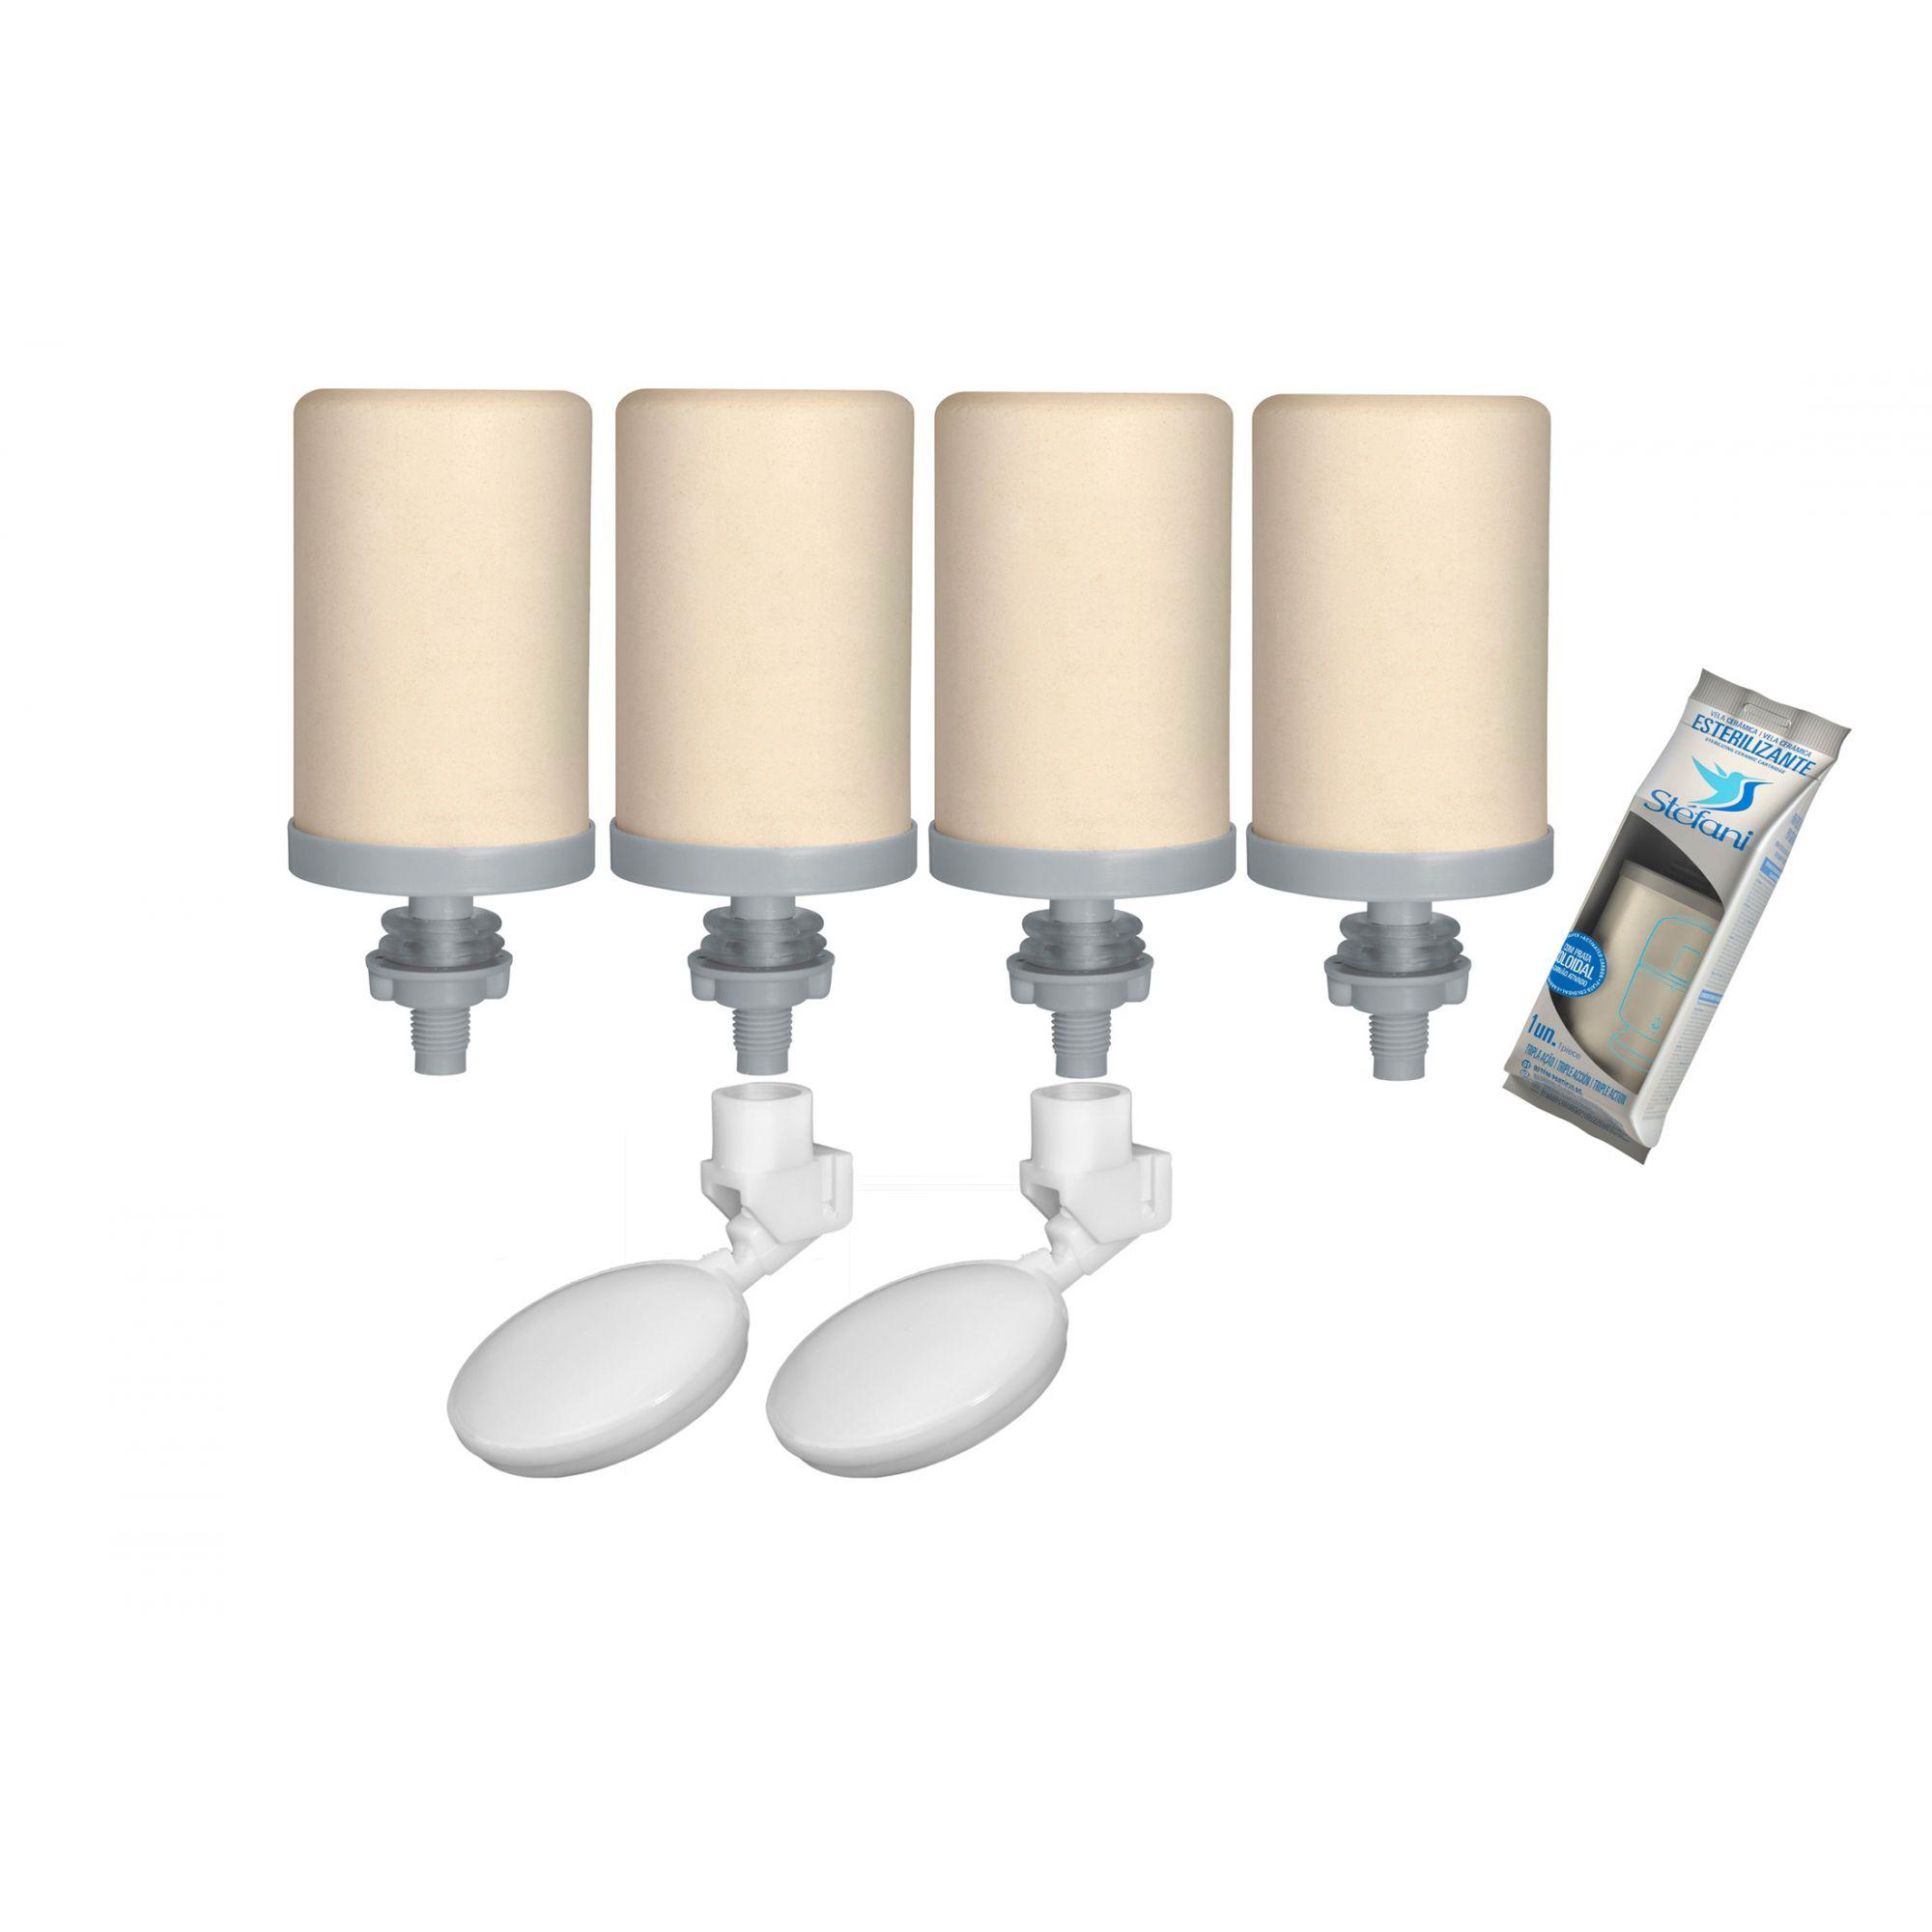 Vela para Filtro de Barro Stefani Tripla Ação 04 unidades e 02 Boias  - CN Distribuidora